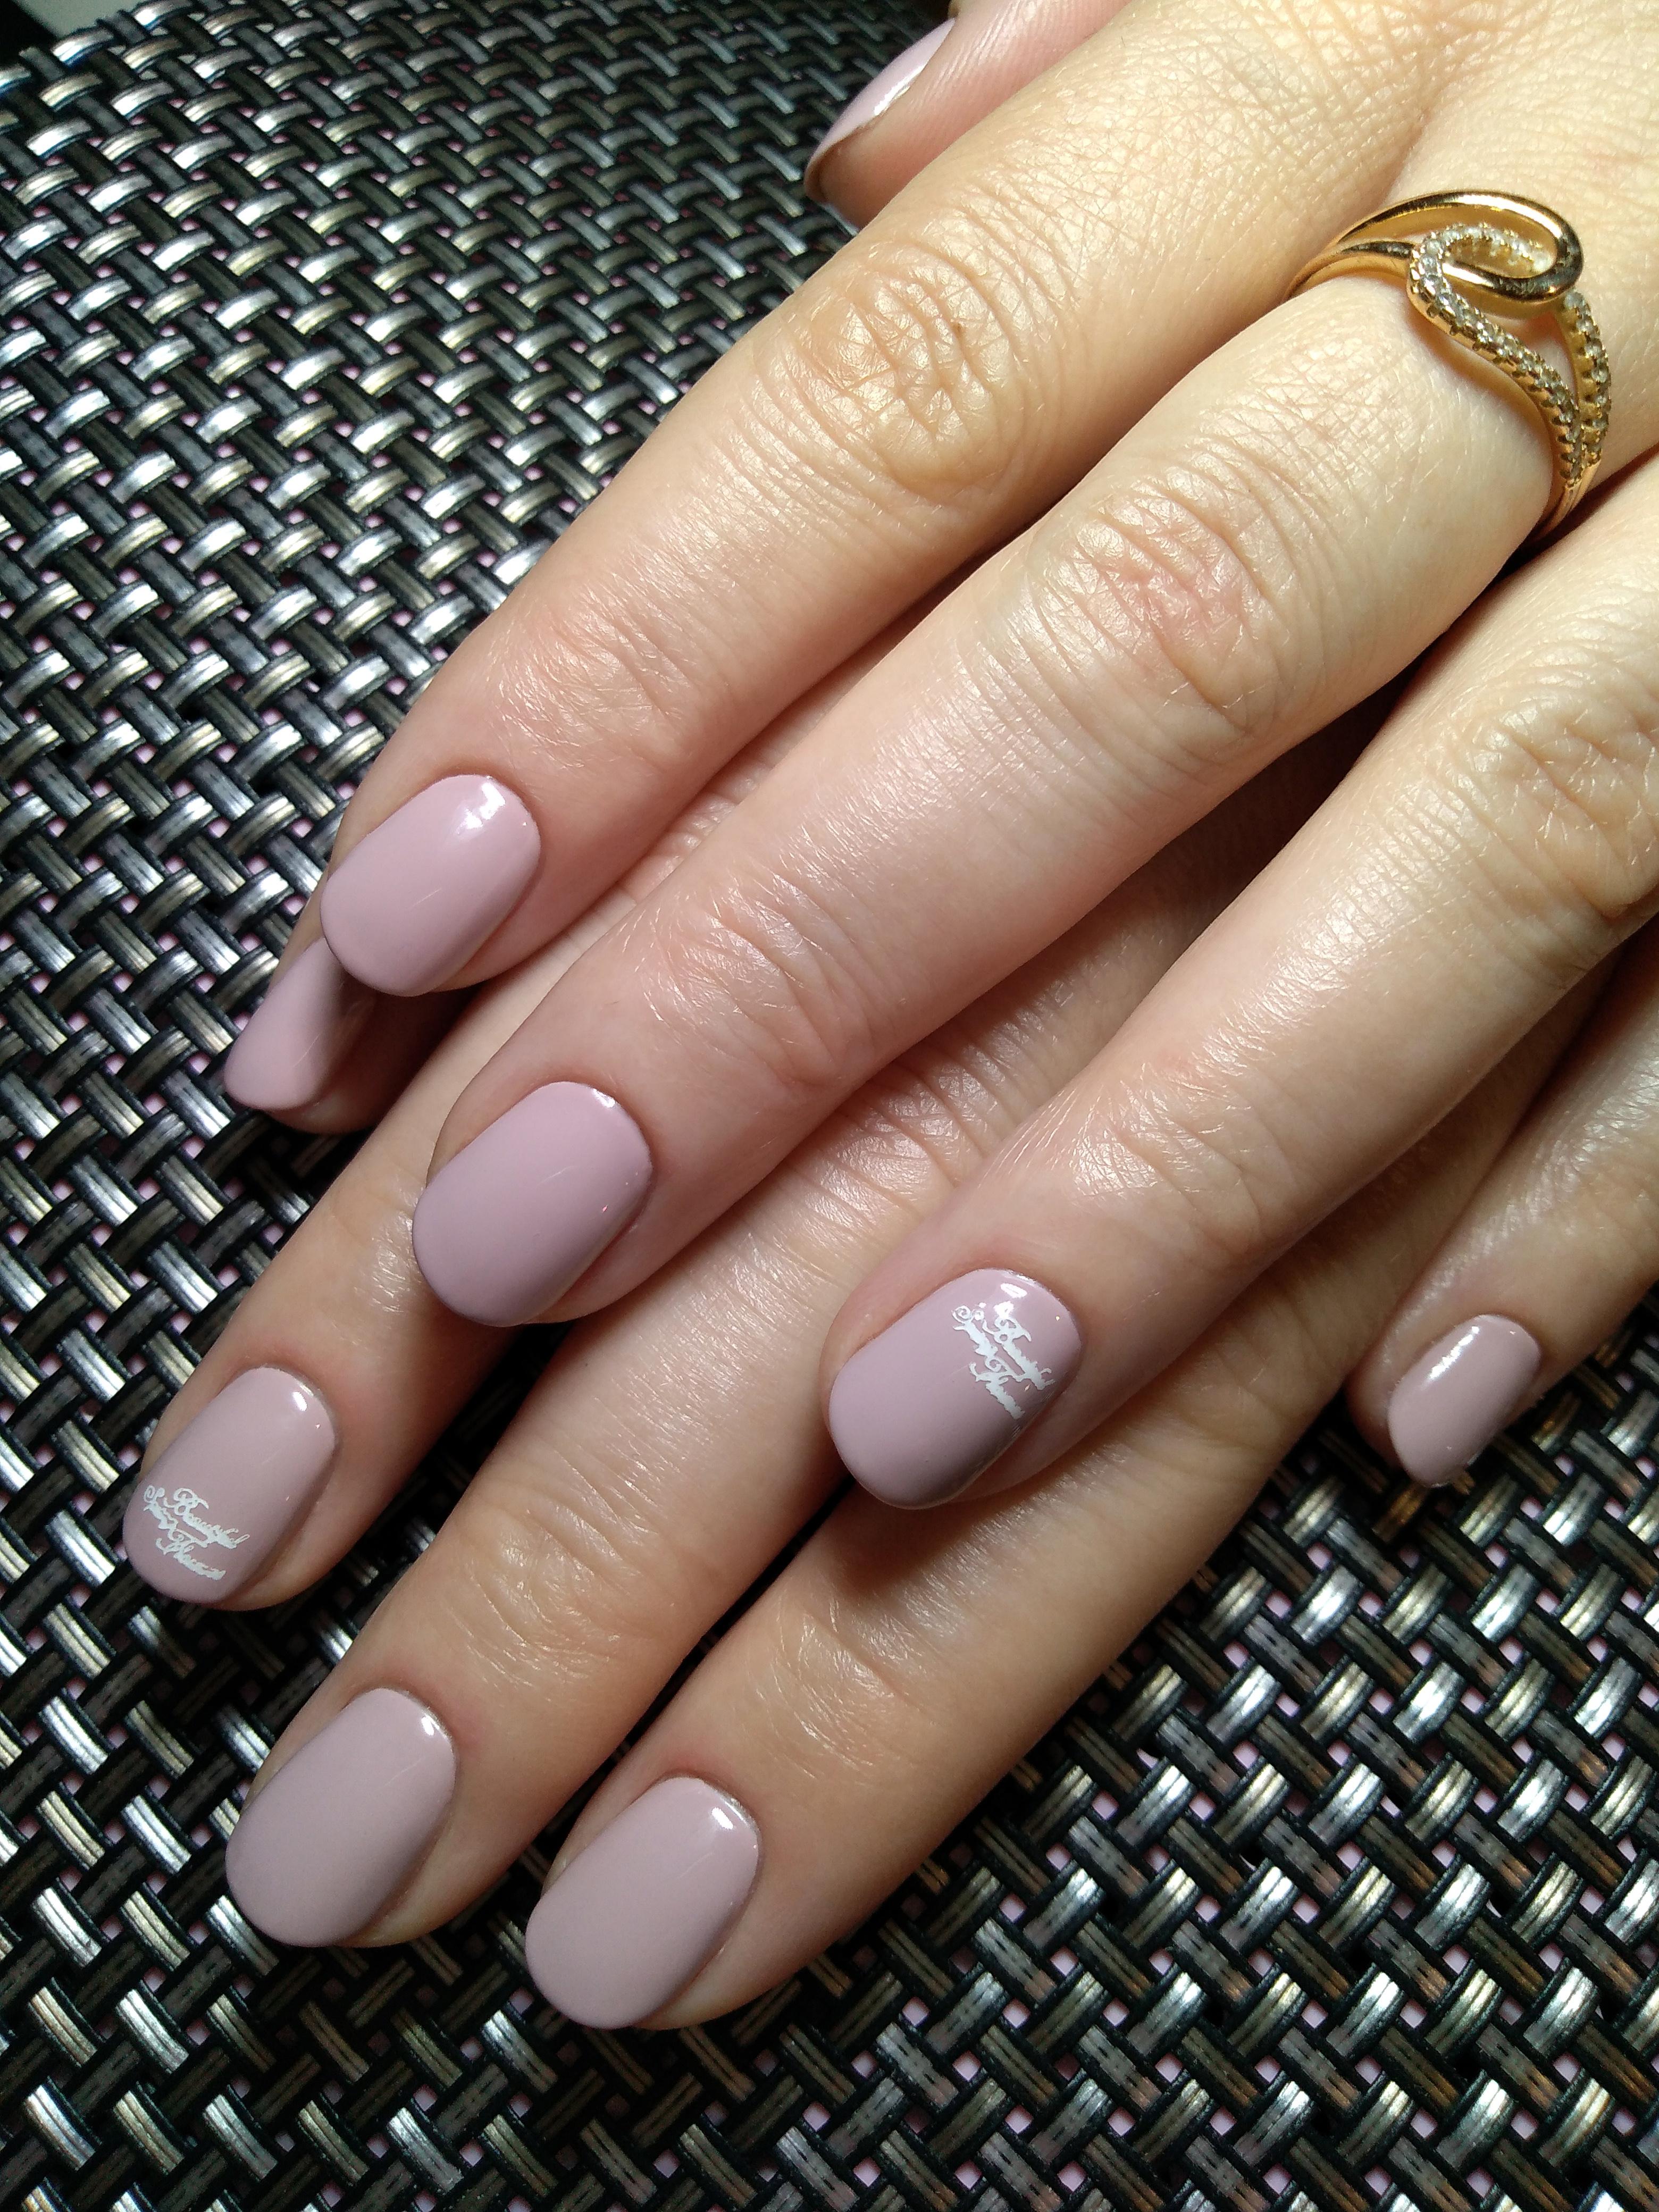 Марикюр с надписями в пастельных тонах на короткие ногти.